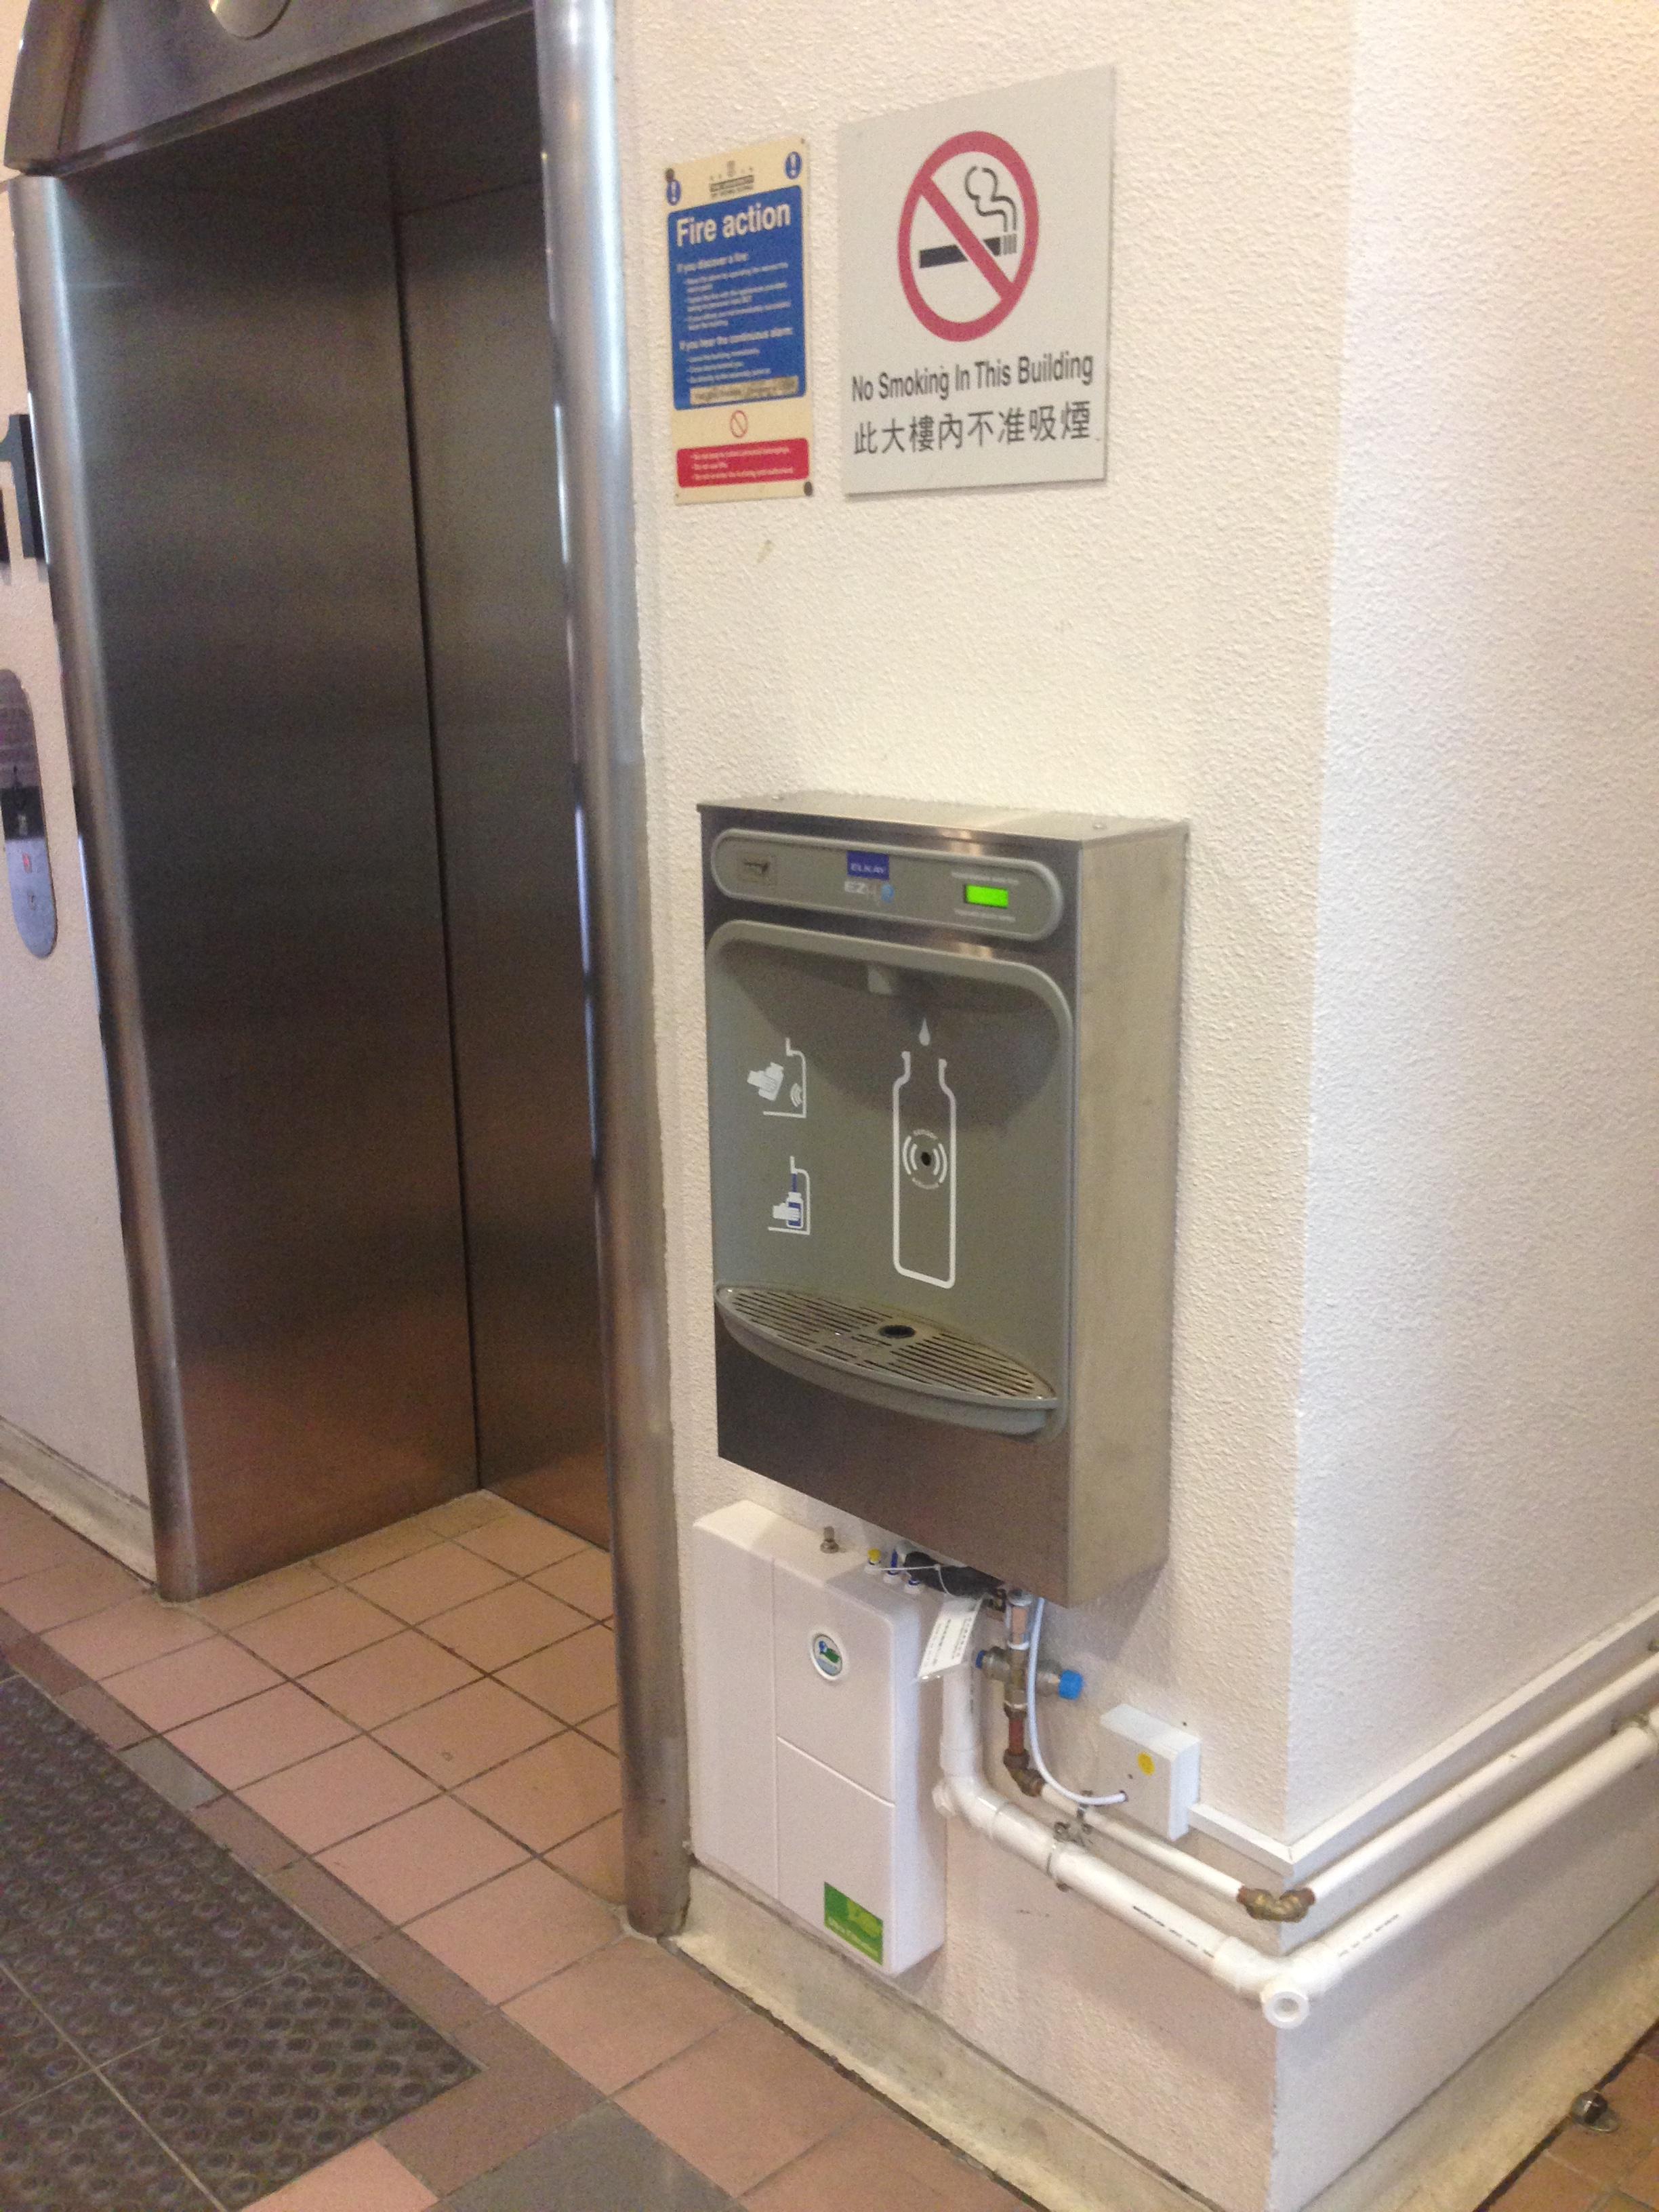 香港大學的新式飲水機 – Go Green Hong Kong